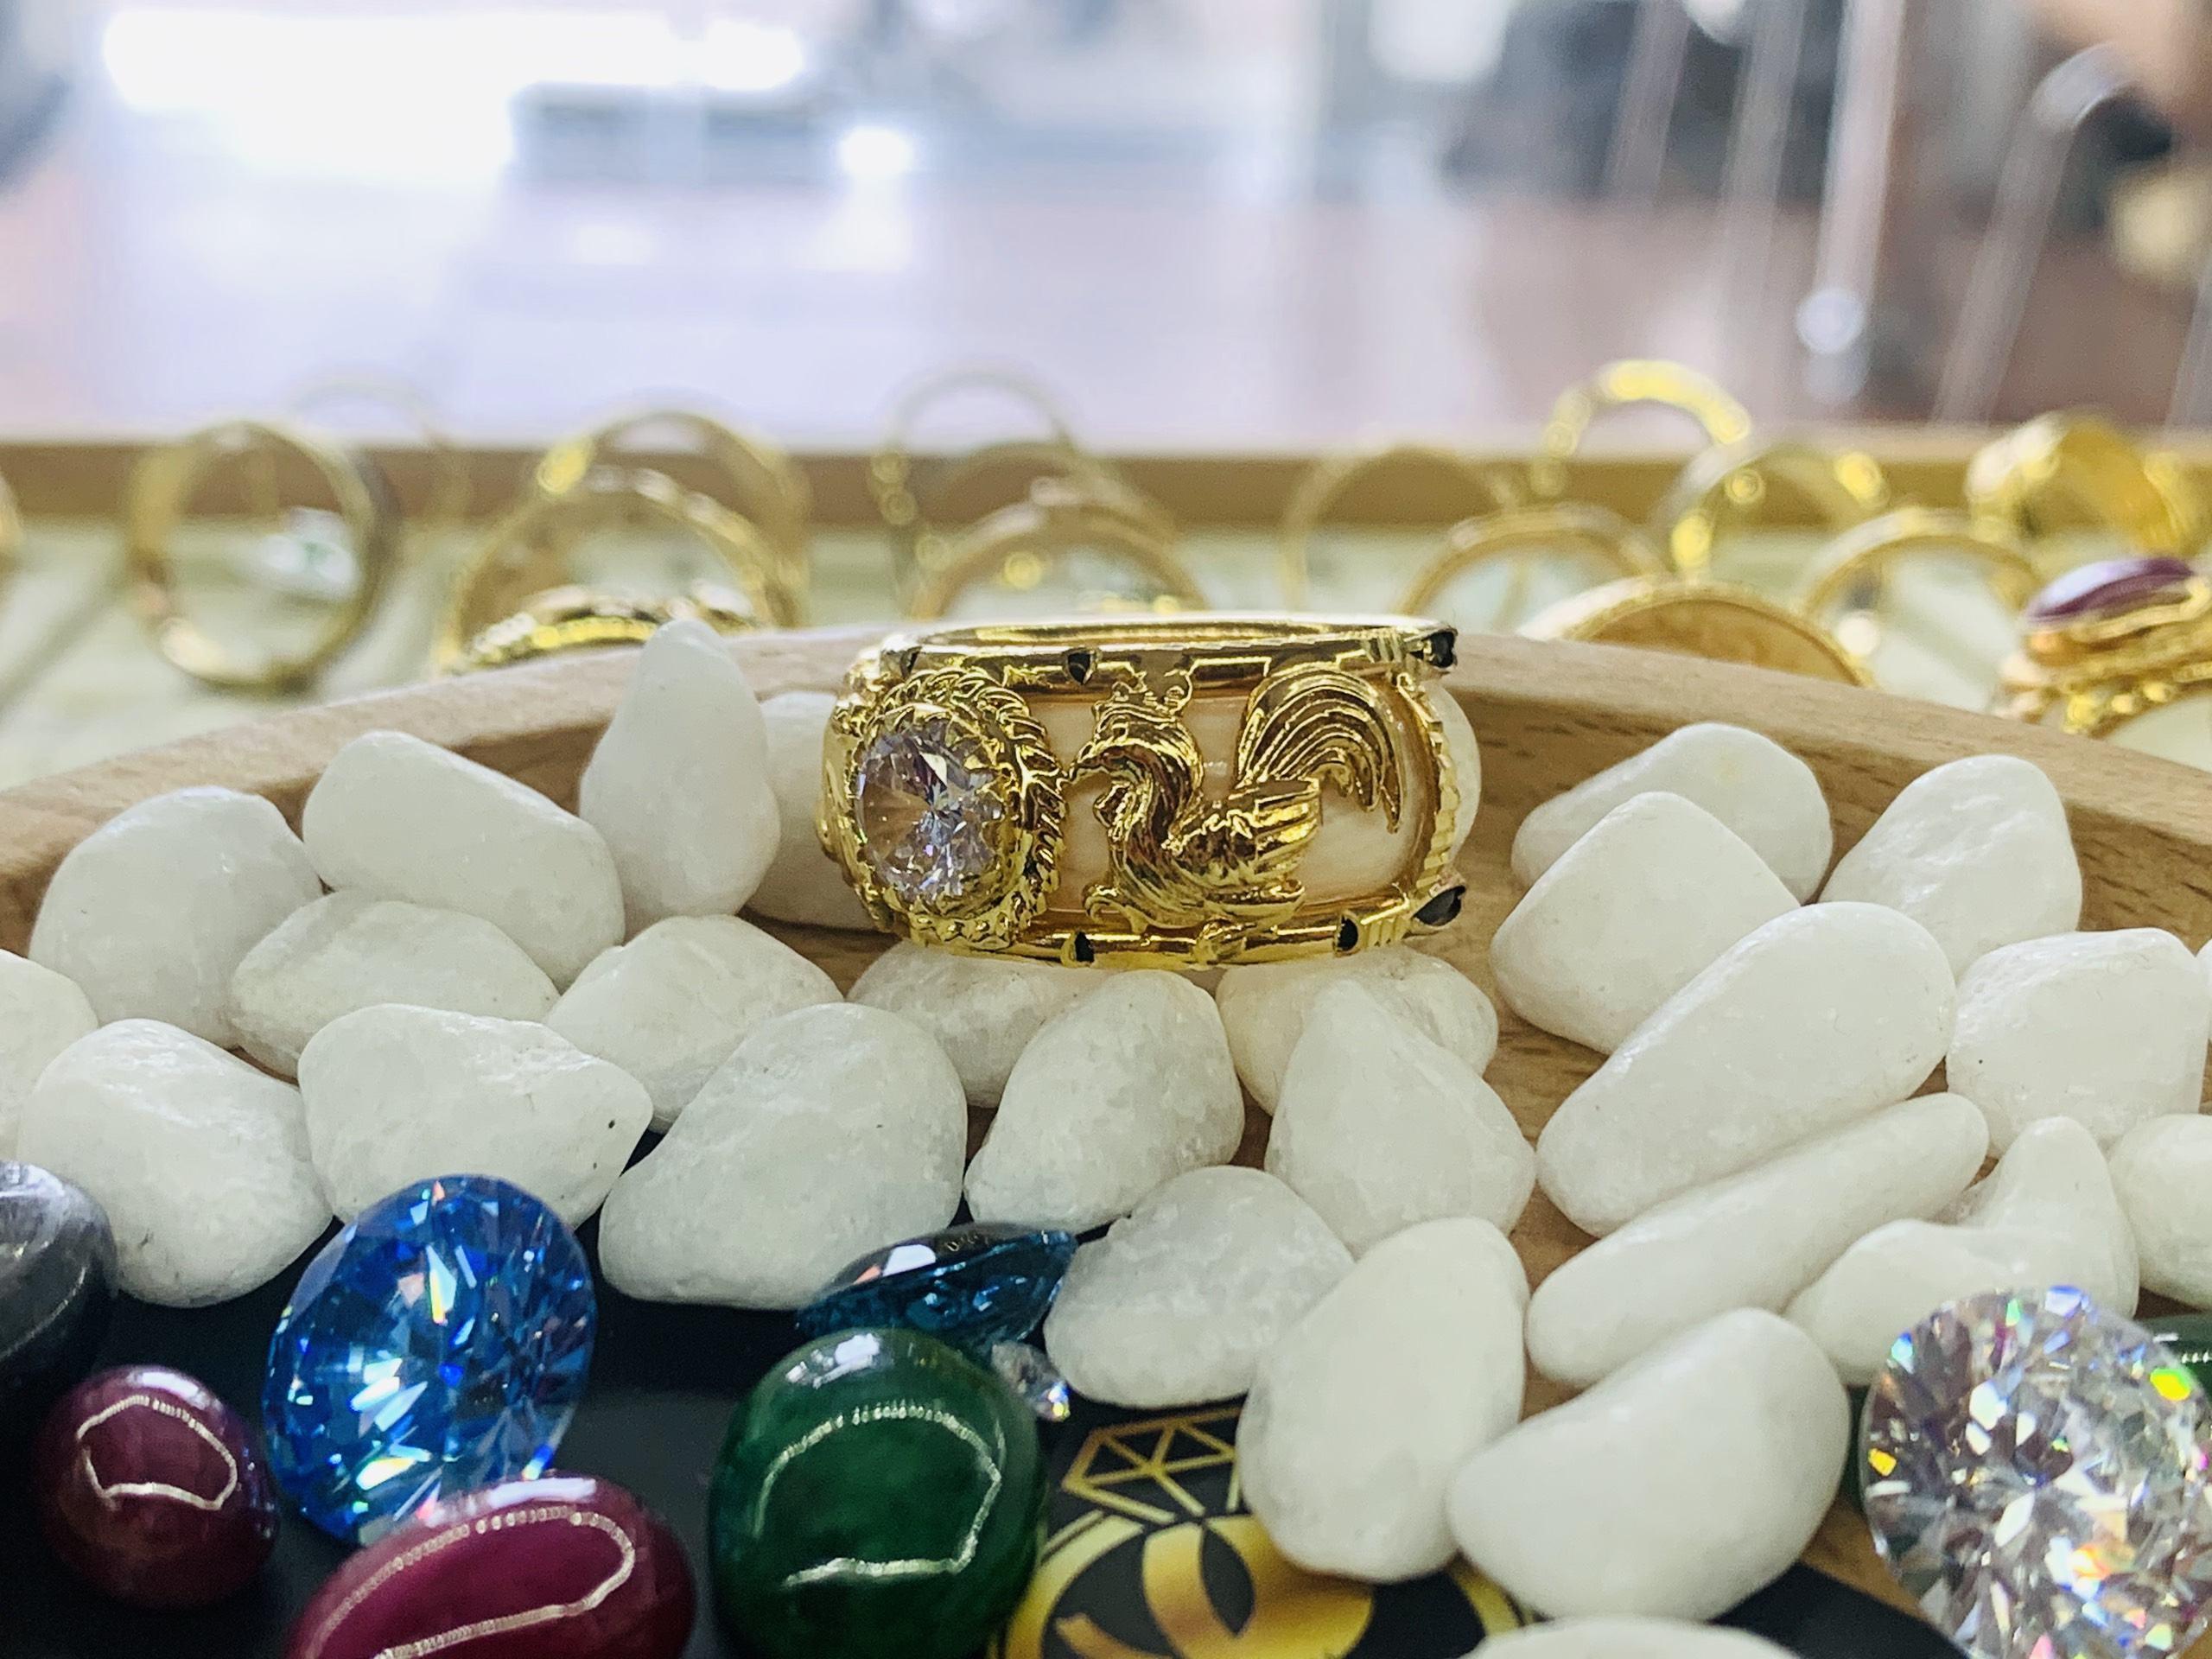 Giấy phổ vàng Nhẫn 2 gà vàng chầu ngọc trắng phong thủy mệnh Kim.jpg